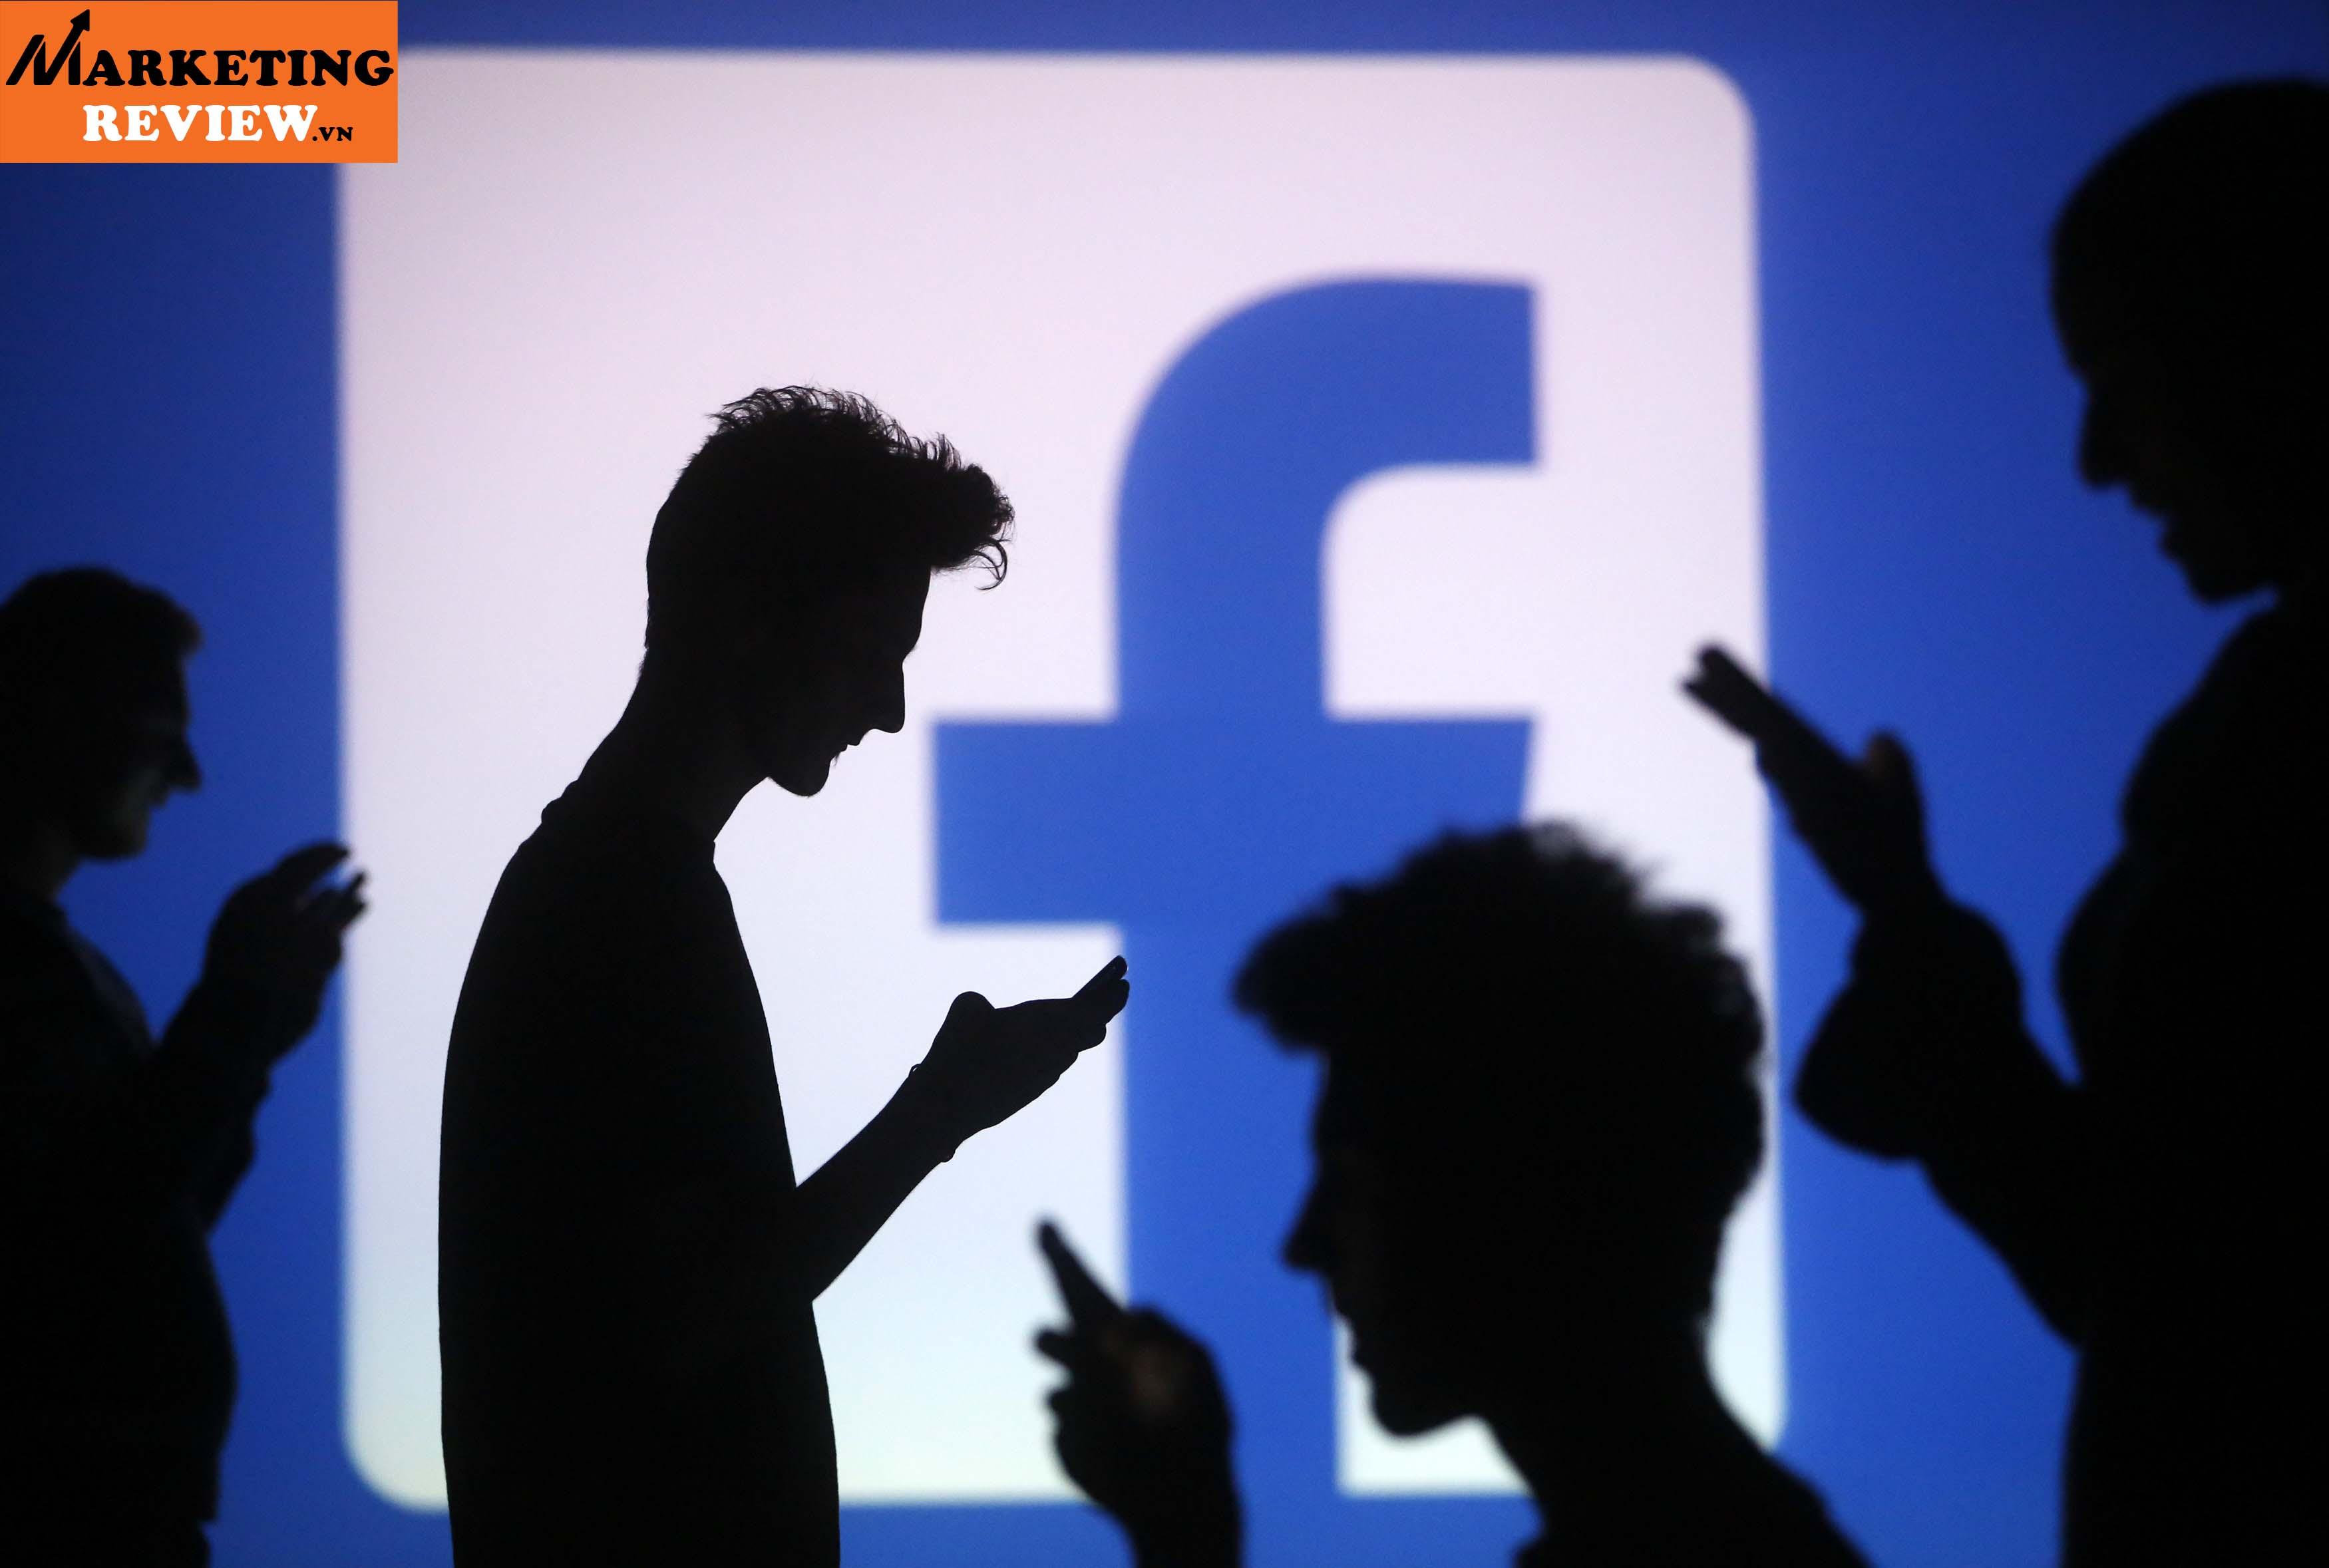 tự nguyện chia sẻ thông điệp - http://marketingreview.vn/